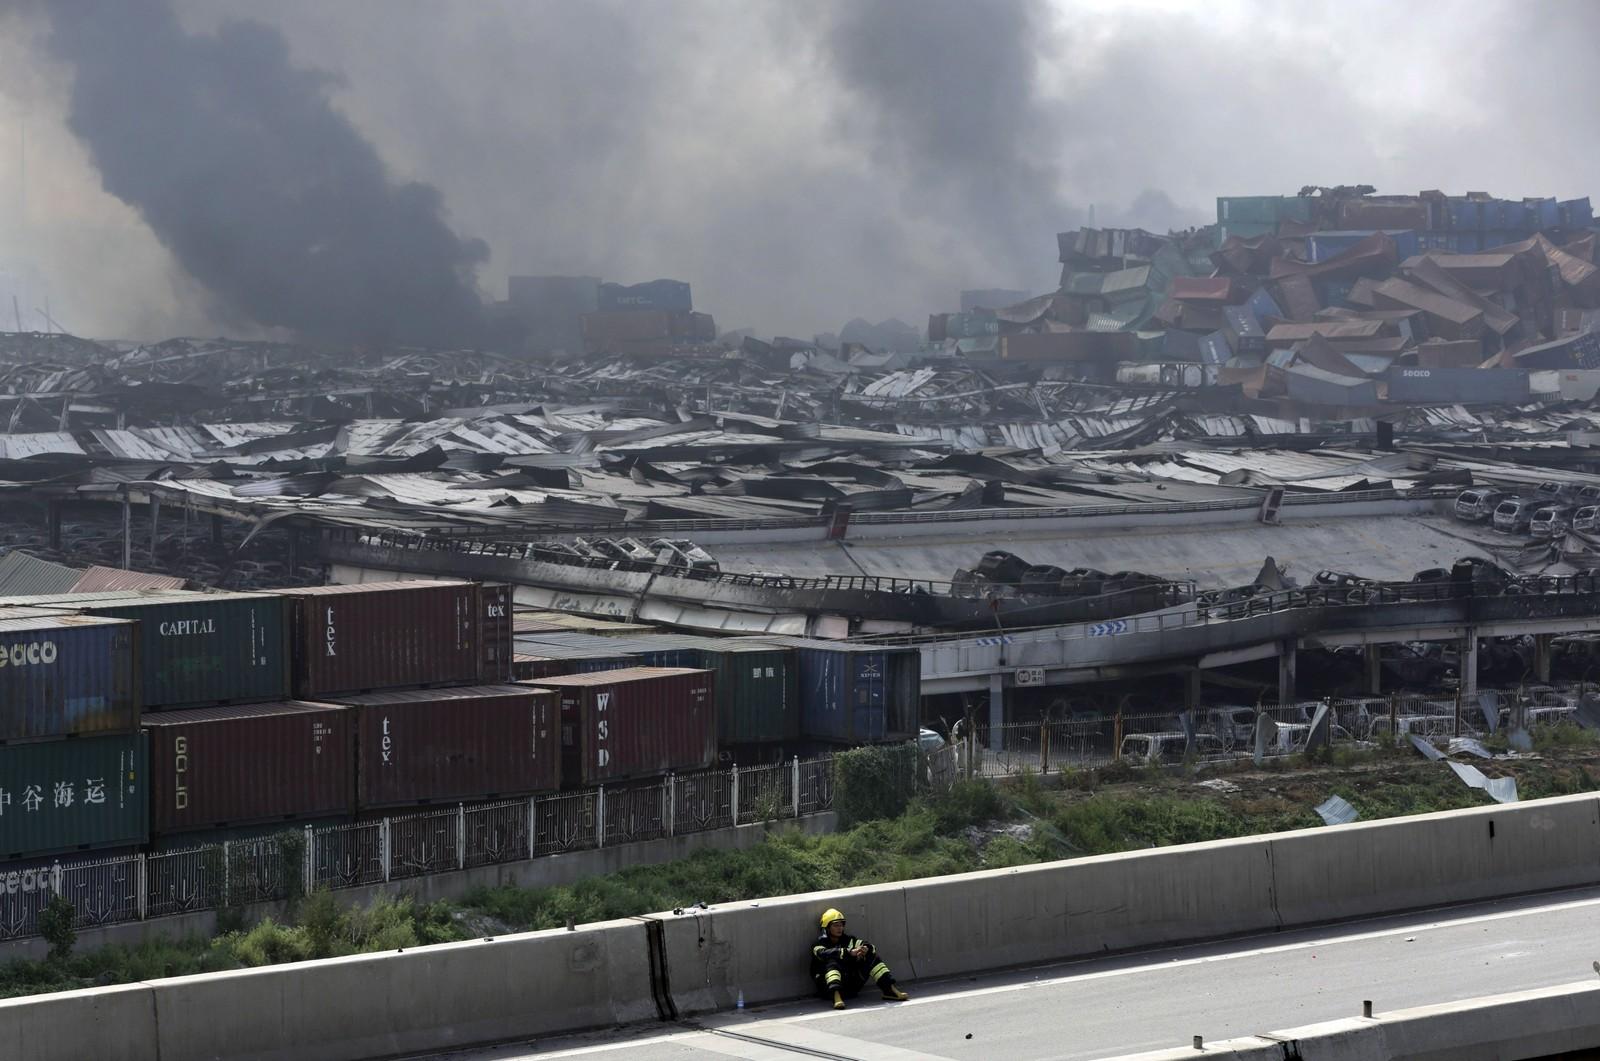 SLITEN: En brannmann hviler langs veien i nærheten av det utsprengte området.